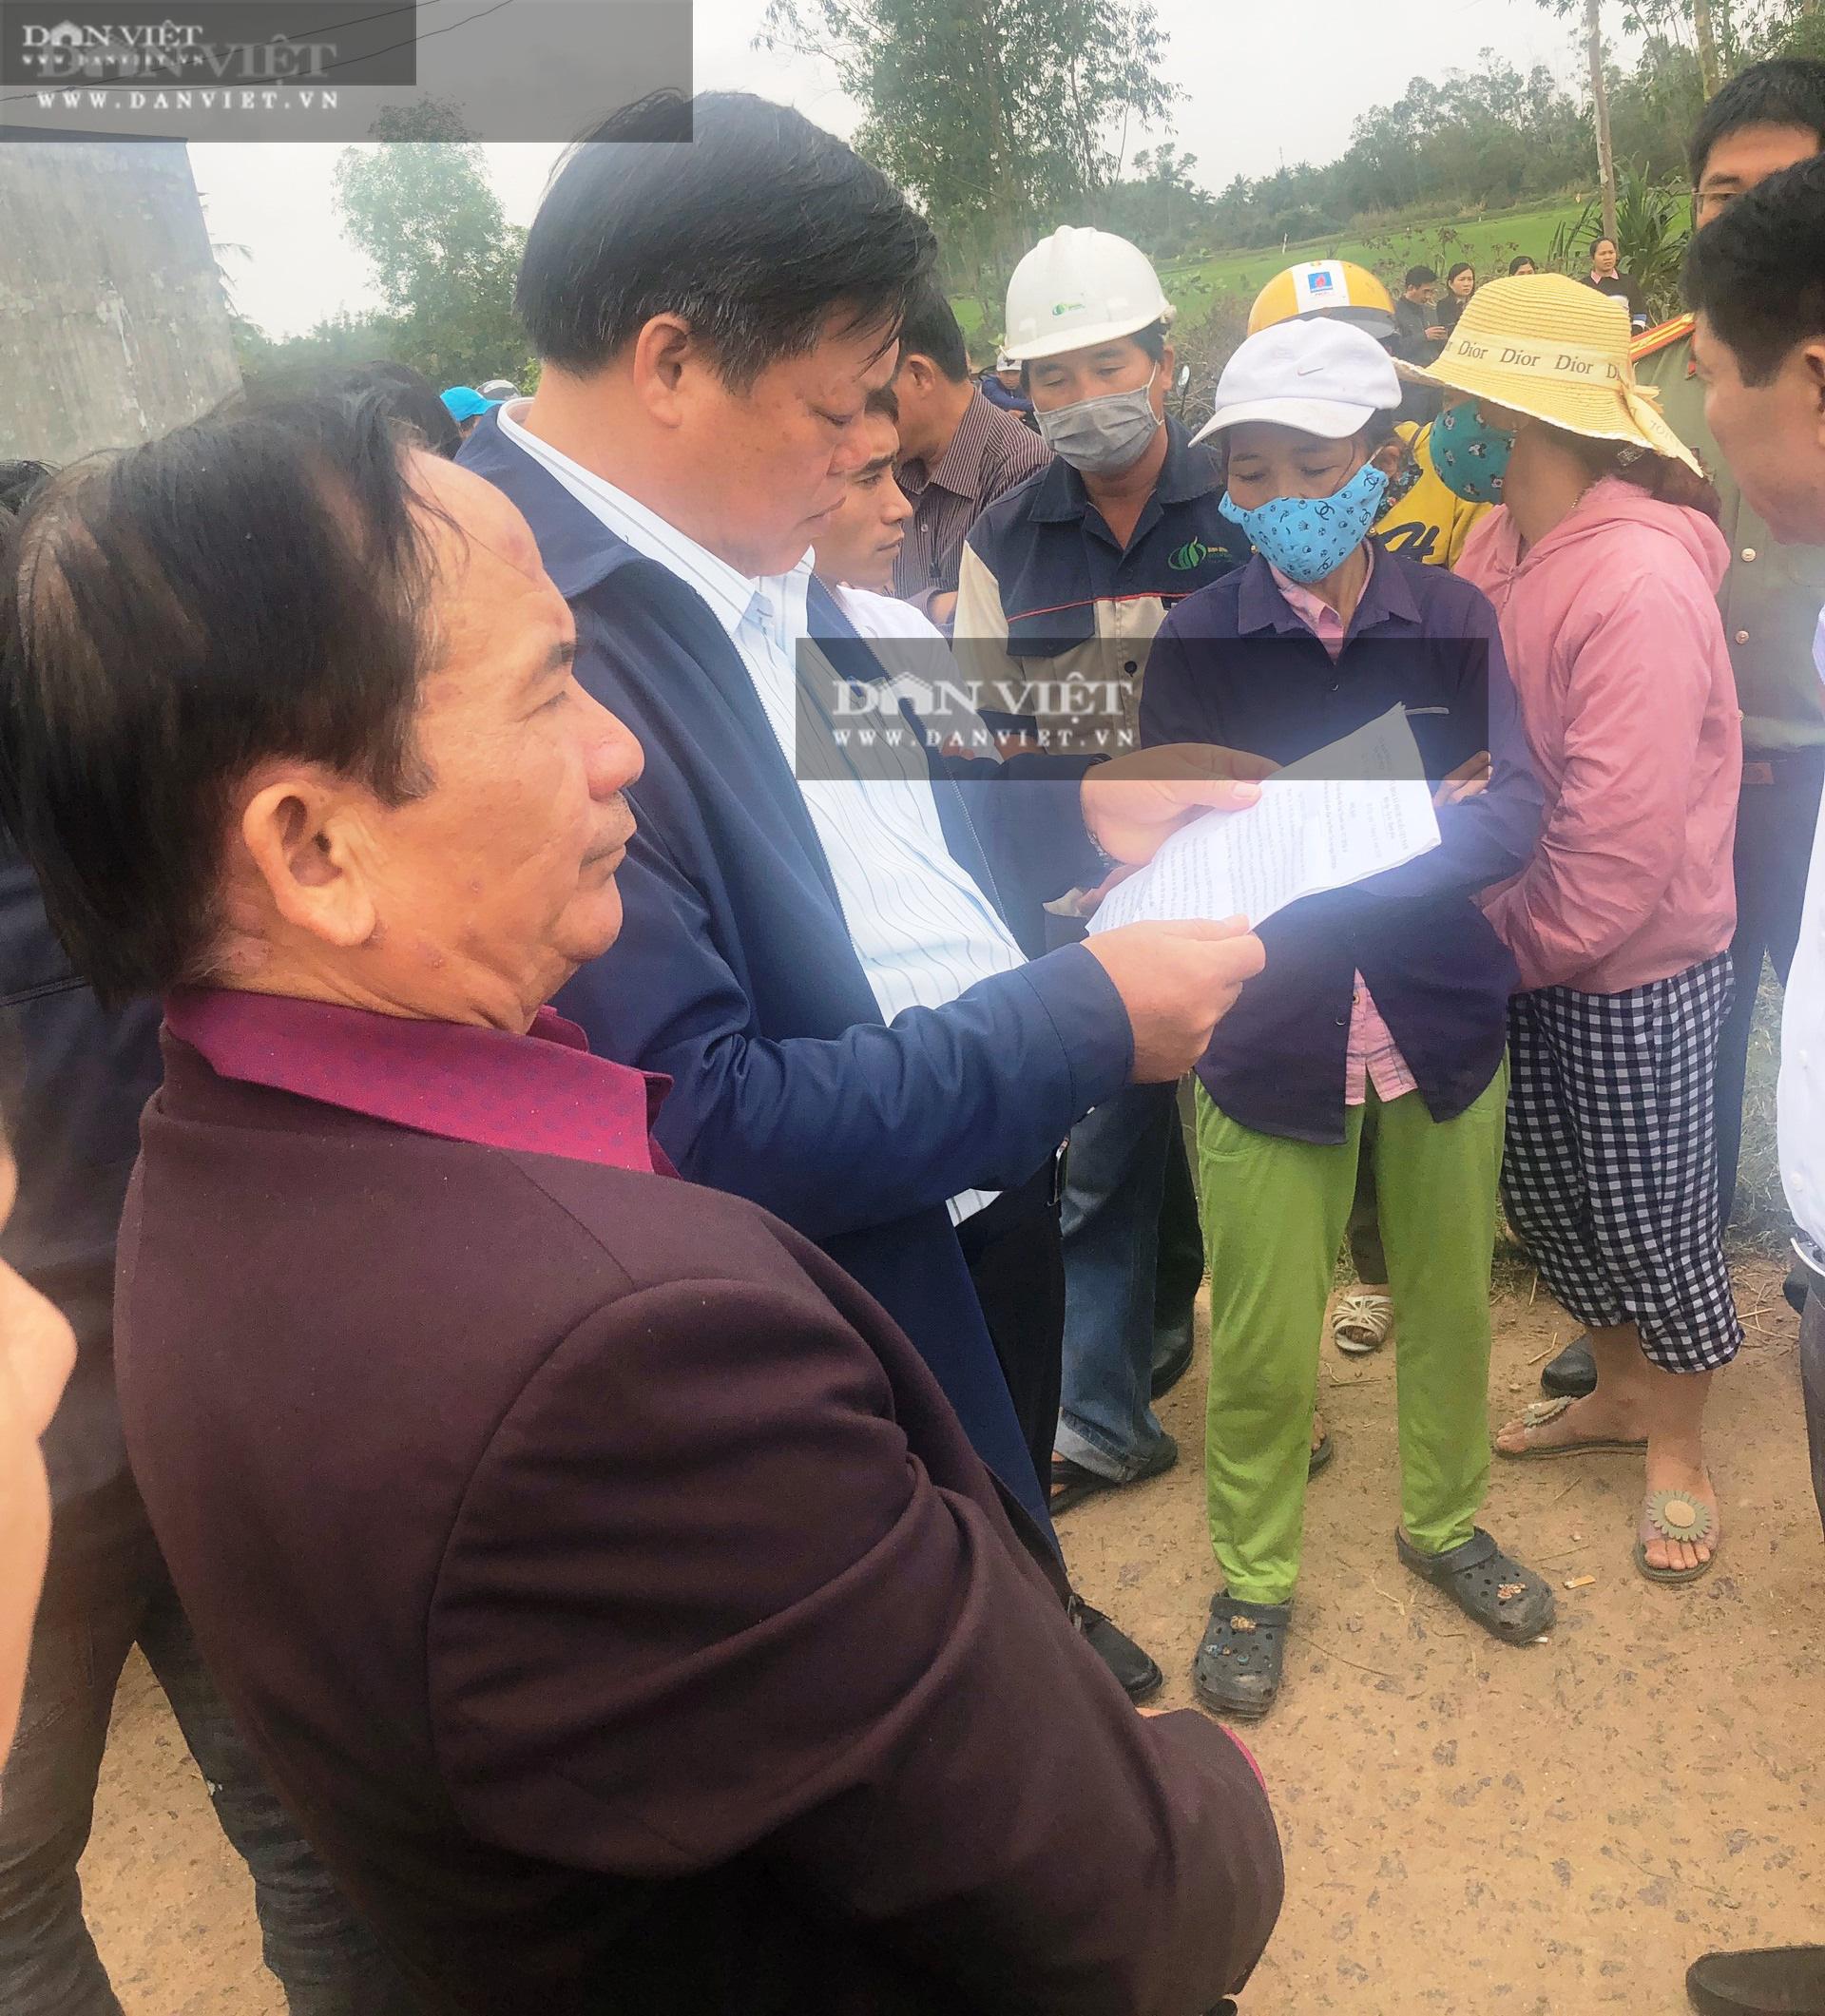 Bình Định: Dân chặn ôtô chở lãnh đạo huyện đến dự khánh thành Nhà máy điện mặt trời Mỹ Hiệp  - Ảnh 2.